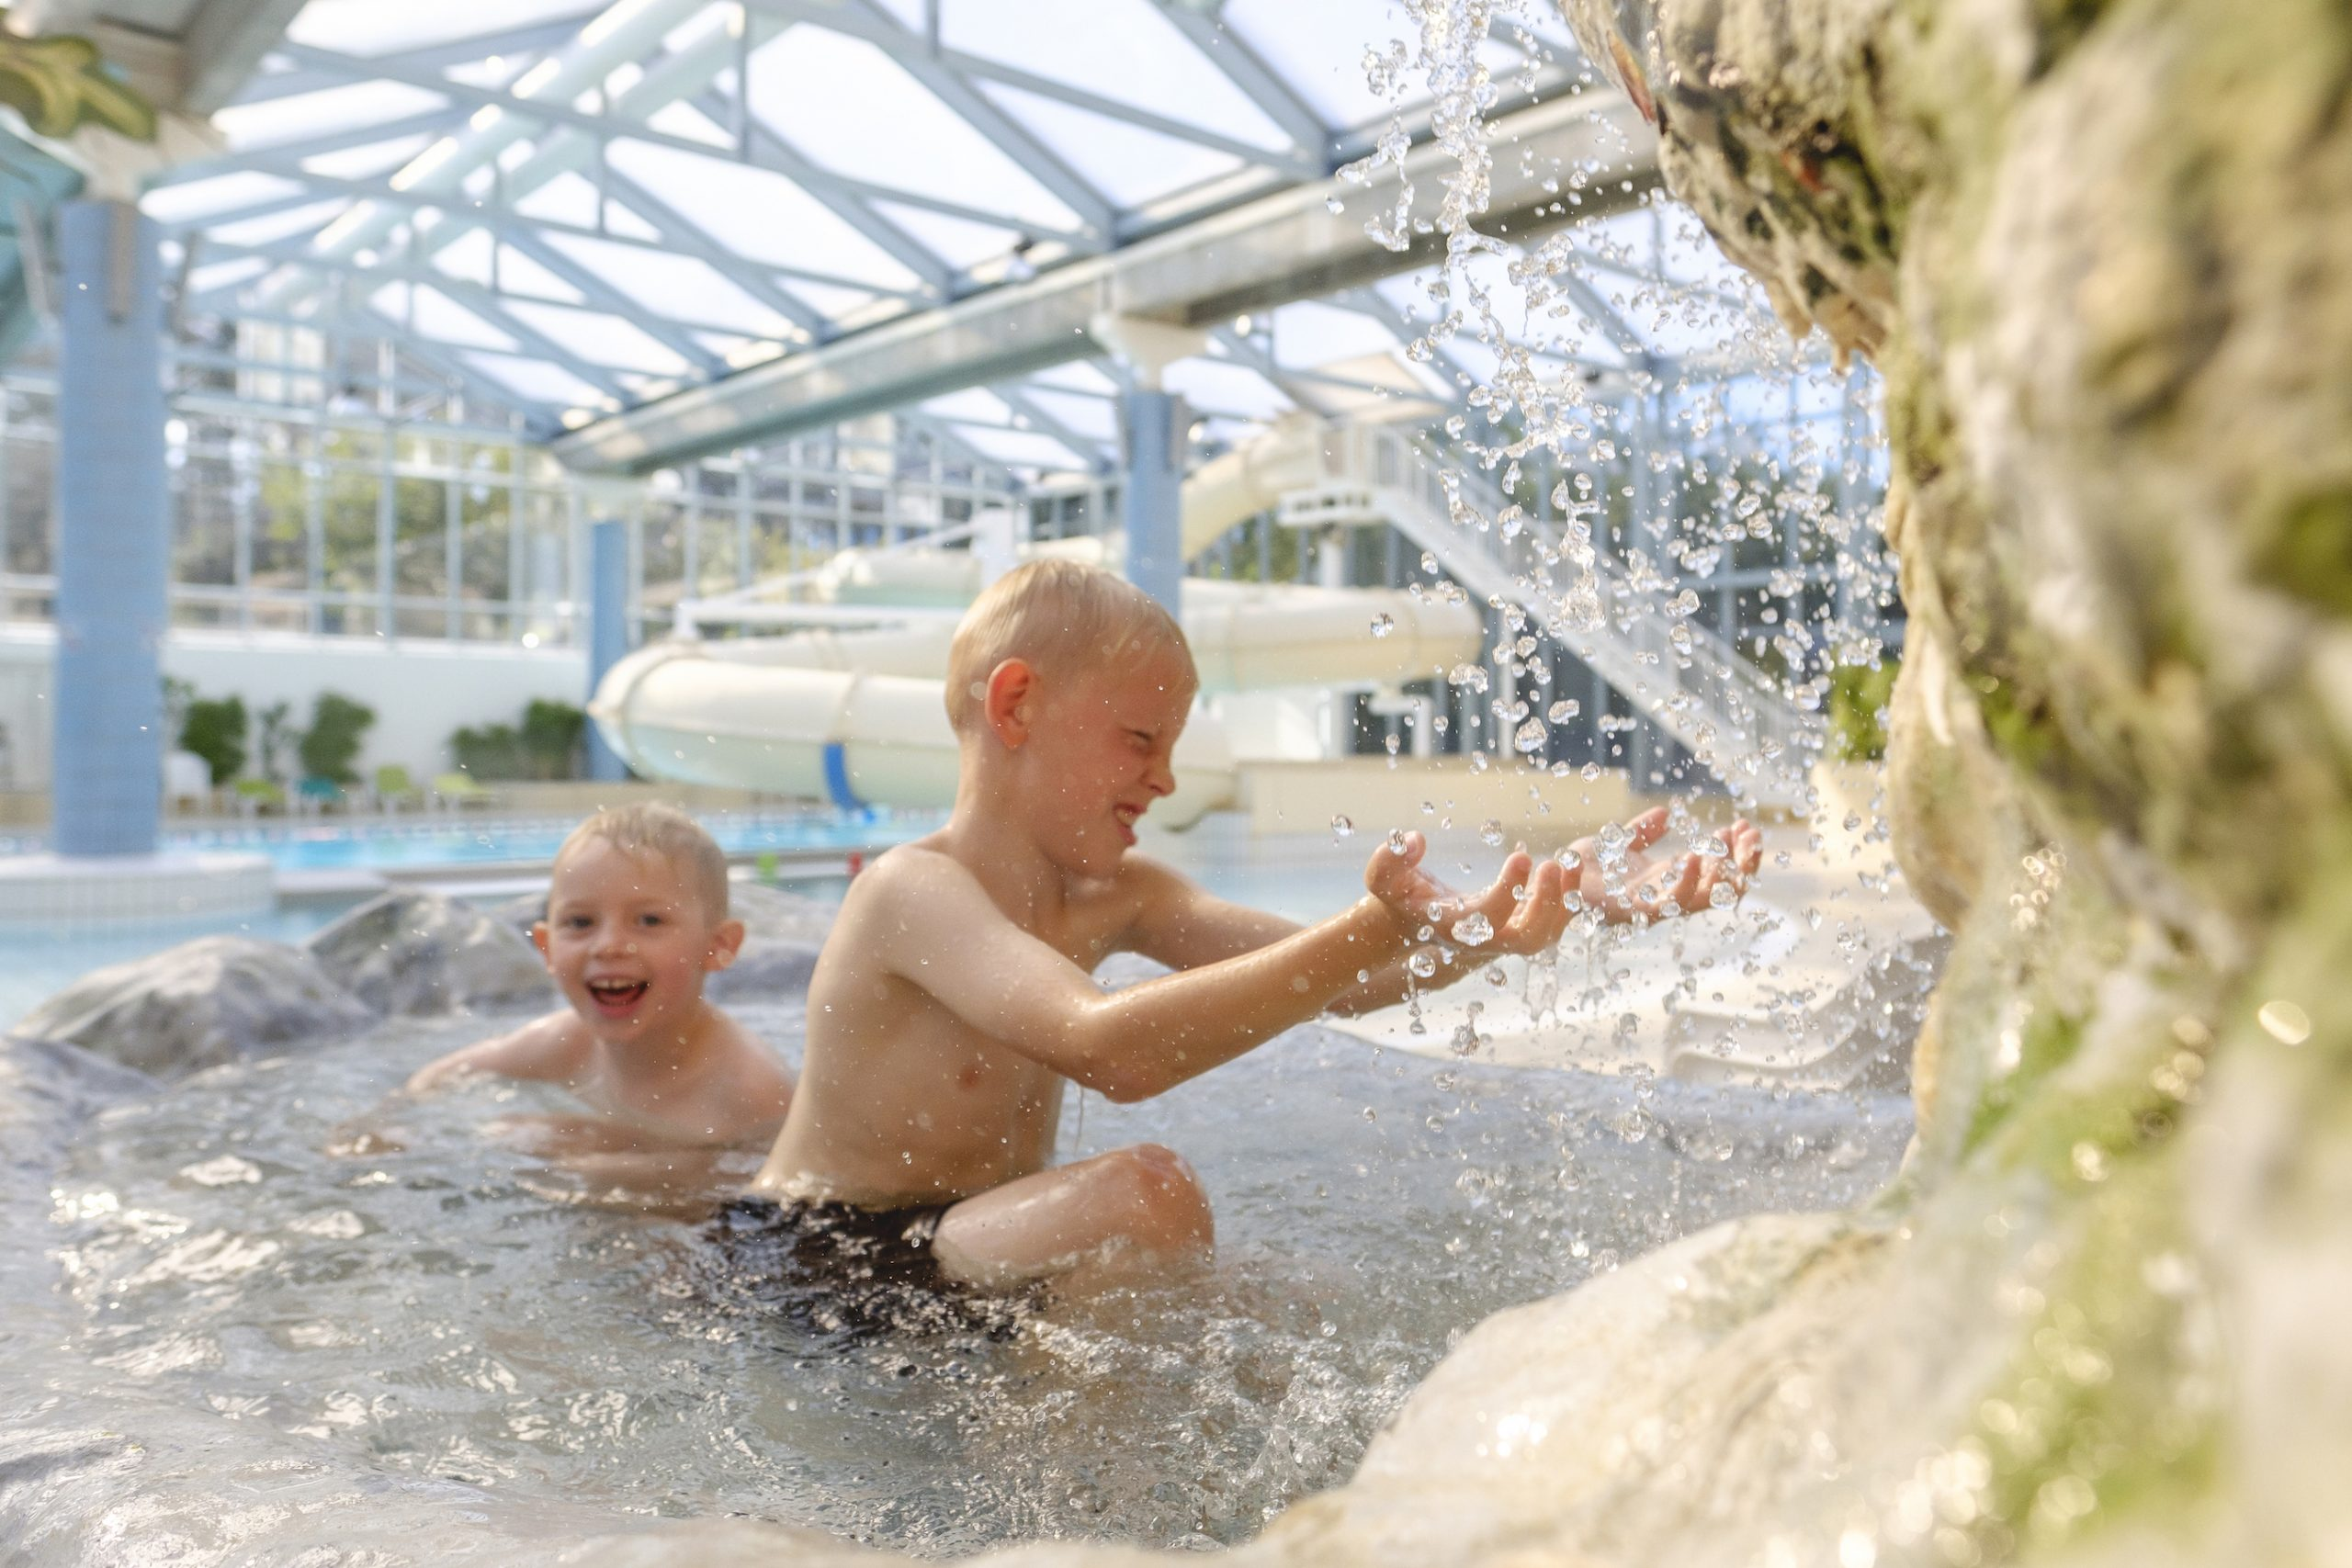 Landal GreenParks er ifølge egne oplysninger Europas største ferieparkkæde med 90 parker og 15.000 ferieboliger i ni europæiske lande. Pressefoto: Maarten Huisman.